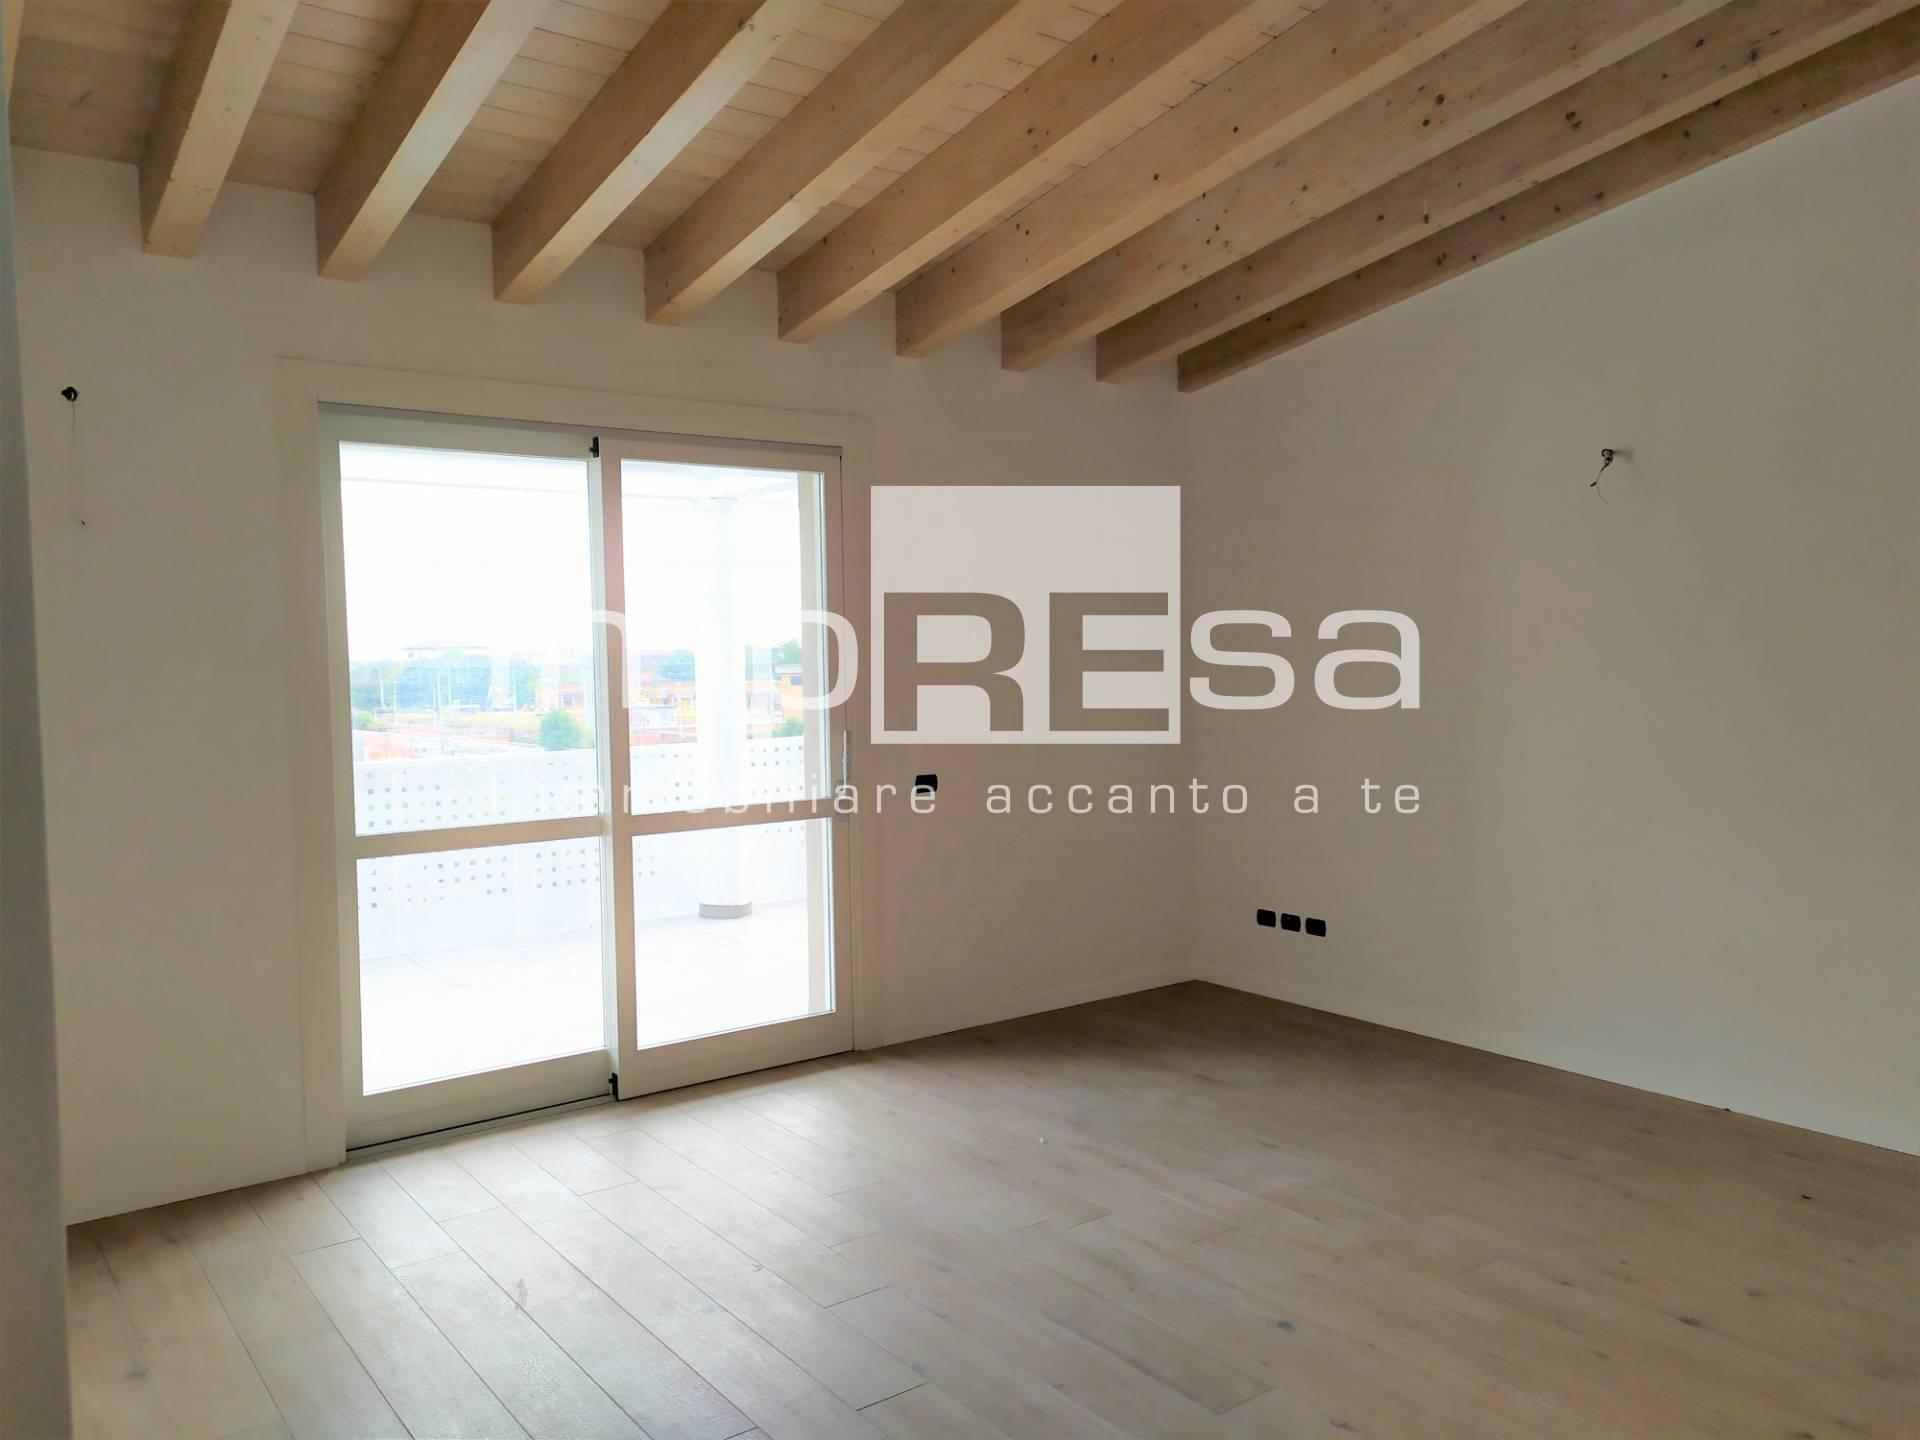 Attico / Mansarda in vendita a Conegliano, 6 locali, Trattative riservate   PortaleAgenzieImmobiliari.it